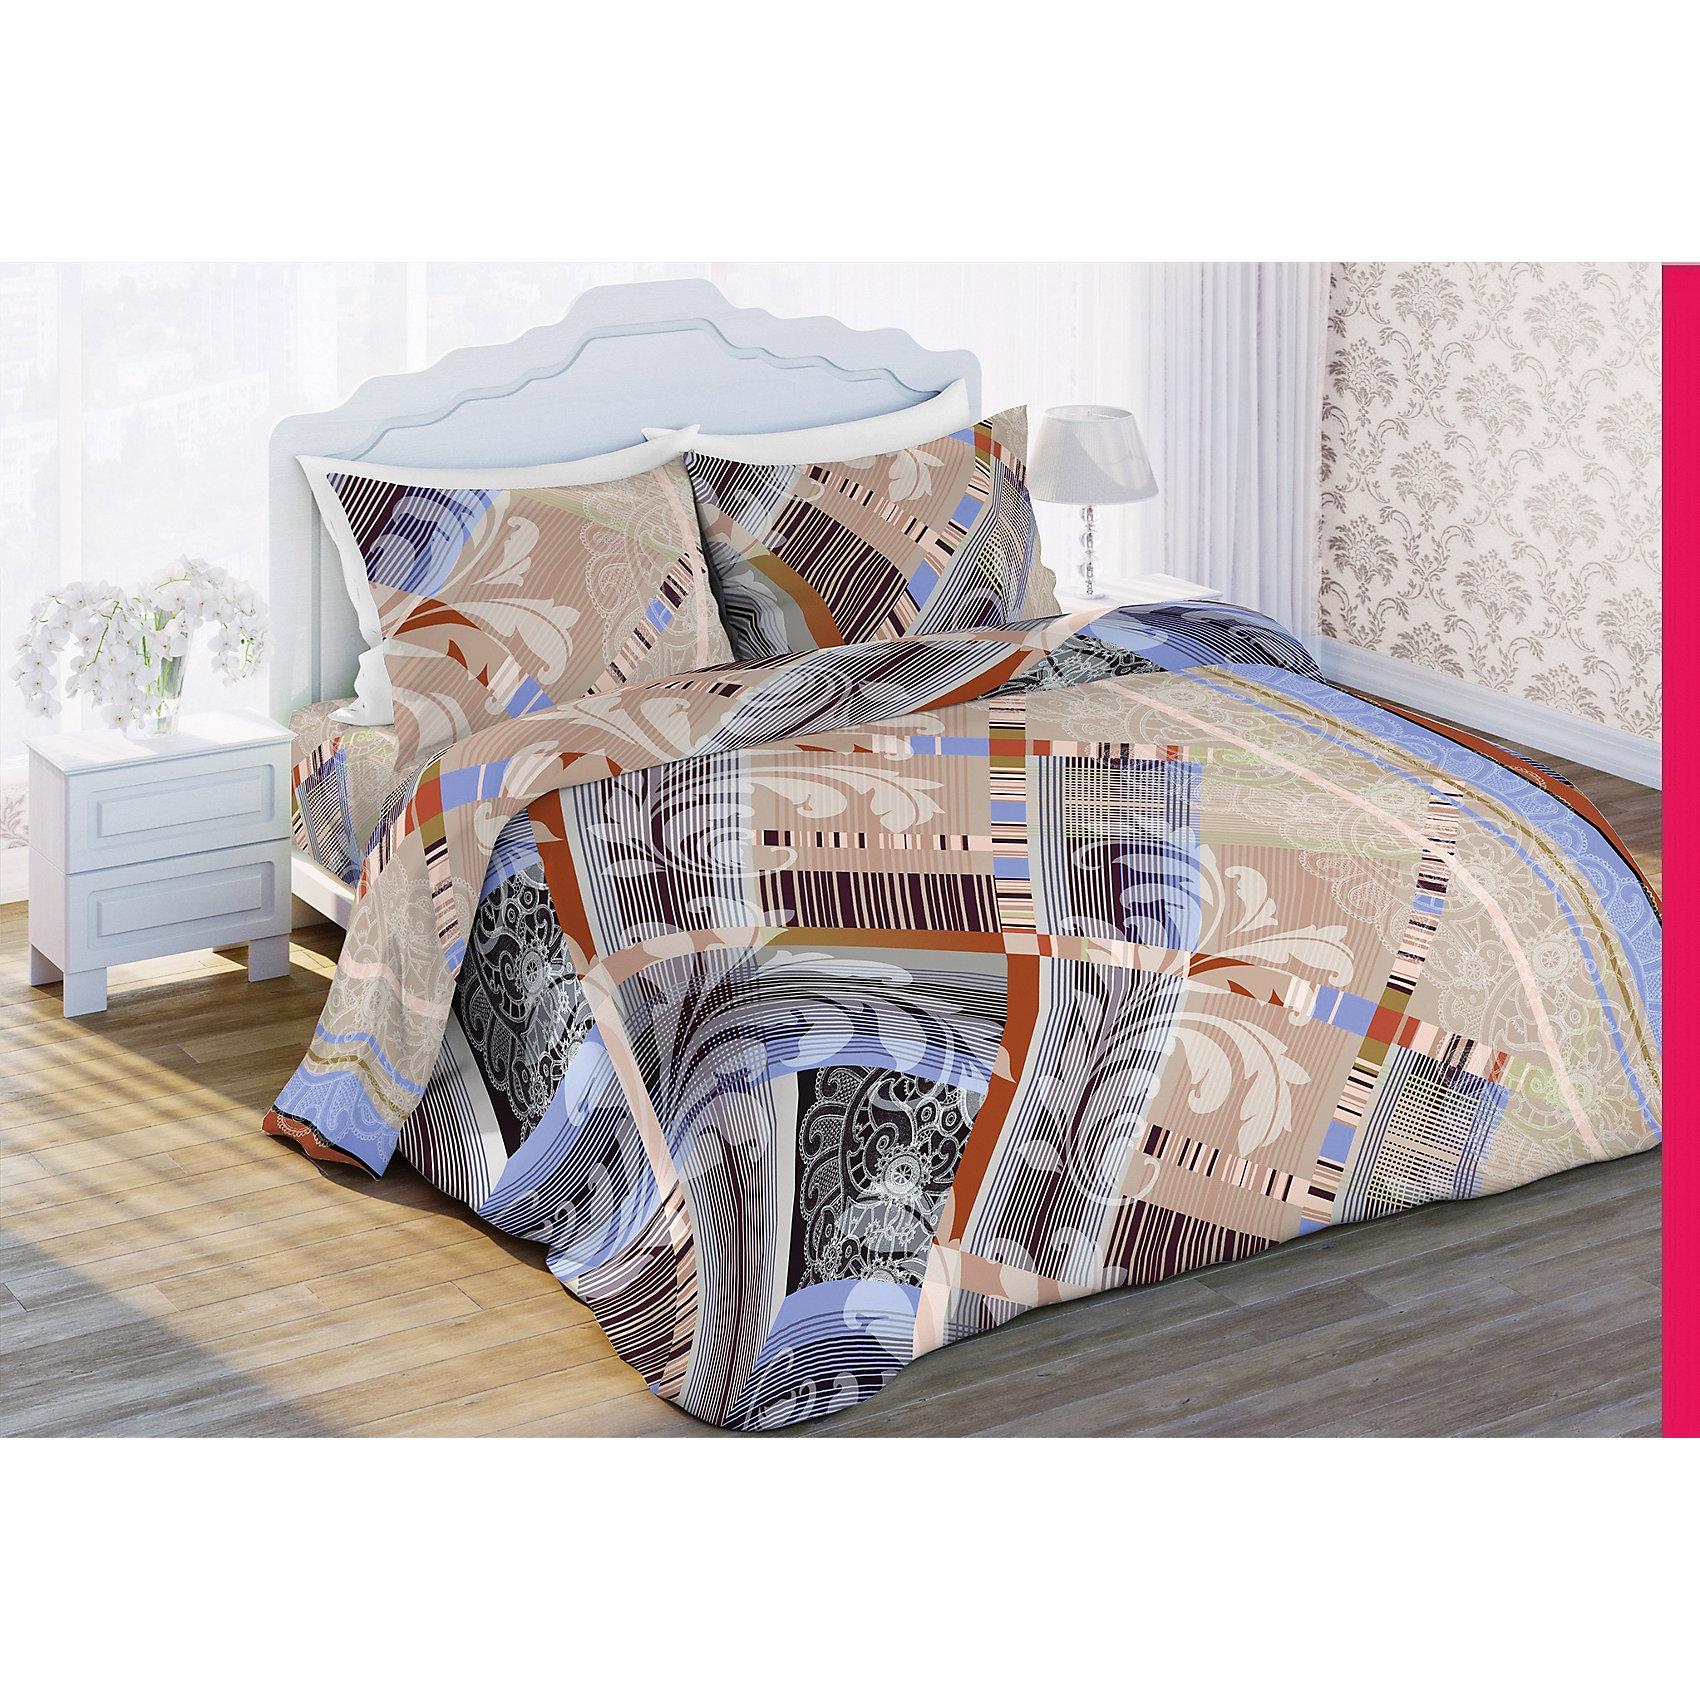 Постельное белье 1,5 БИО Комфорт, Вивальди, Любимый домВзрослое постельное бельё<br>Постельное белье 1,5 БИО Комфорт, Вивальди, Любимый дом<br><br>Характеристики:<br><br>• изготовлен из мягкой прочной бязи<br>• в комплекте: пододеяльник, простыня, наволочки (2 шт.)<br>• тип комплекта: 1,5-спальный<br>• материал: БИО комфорт (100% хлопок)<br>• размер пододеяльника: 215х145 см<br>• размер простыни: 220х150 см<br>• размер наволочки: 70х70 см<br>• плотность: 115 г/м2<br><br>Комплект постельного белья от торговой марки Любимый Дом изготовлен из традиционной бязи высокого качества. Материал очень приятен на ощупь и обладает такими качествами как прочность, долговечность и устойчивость при стирке. Белье не изменится в размере и не потеряет свой цвет. В комплект входят: пододеяльник, простыня и две наволочки. Белье украшено узором, отлично дополняющим интерьер каждой спальни.<br><br>Постельное белье 1,5 БИО Комфорт, Вивальди, Любимый дом вы можете купить в нашем интернет-магазине.<br><br>Ширина мм: 350<br>Глубина мм: 290<br>Высота мм: 150<br>Вес г: 1400<br>Возраст от месяцев: 36<br>Возраст до месяцев: 216<br>Пол: Унисекс<br>Возраст: Детский<br>SKU: 5288414